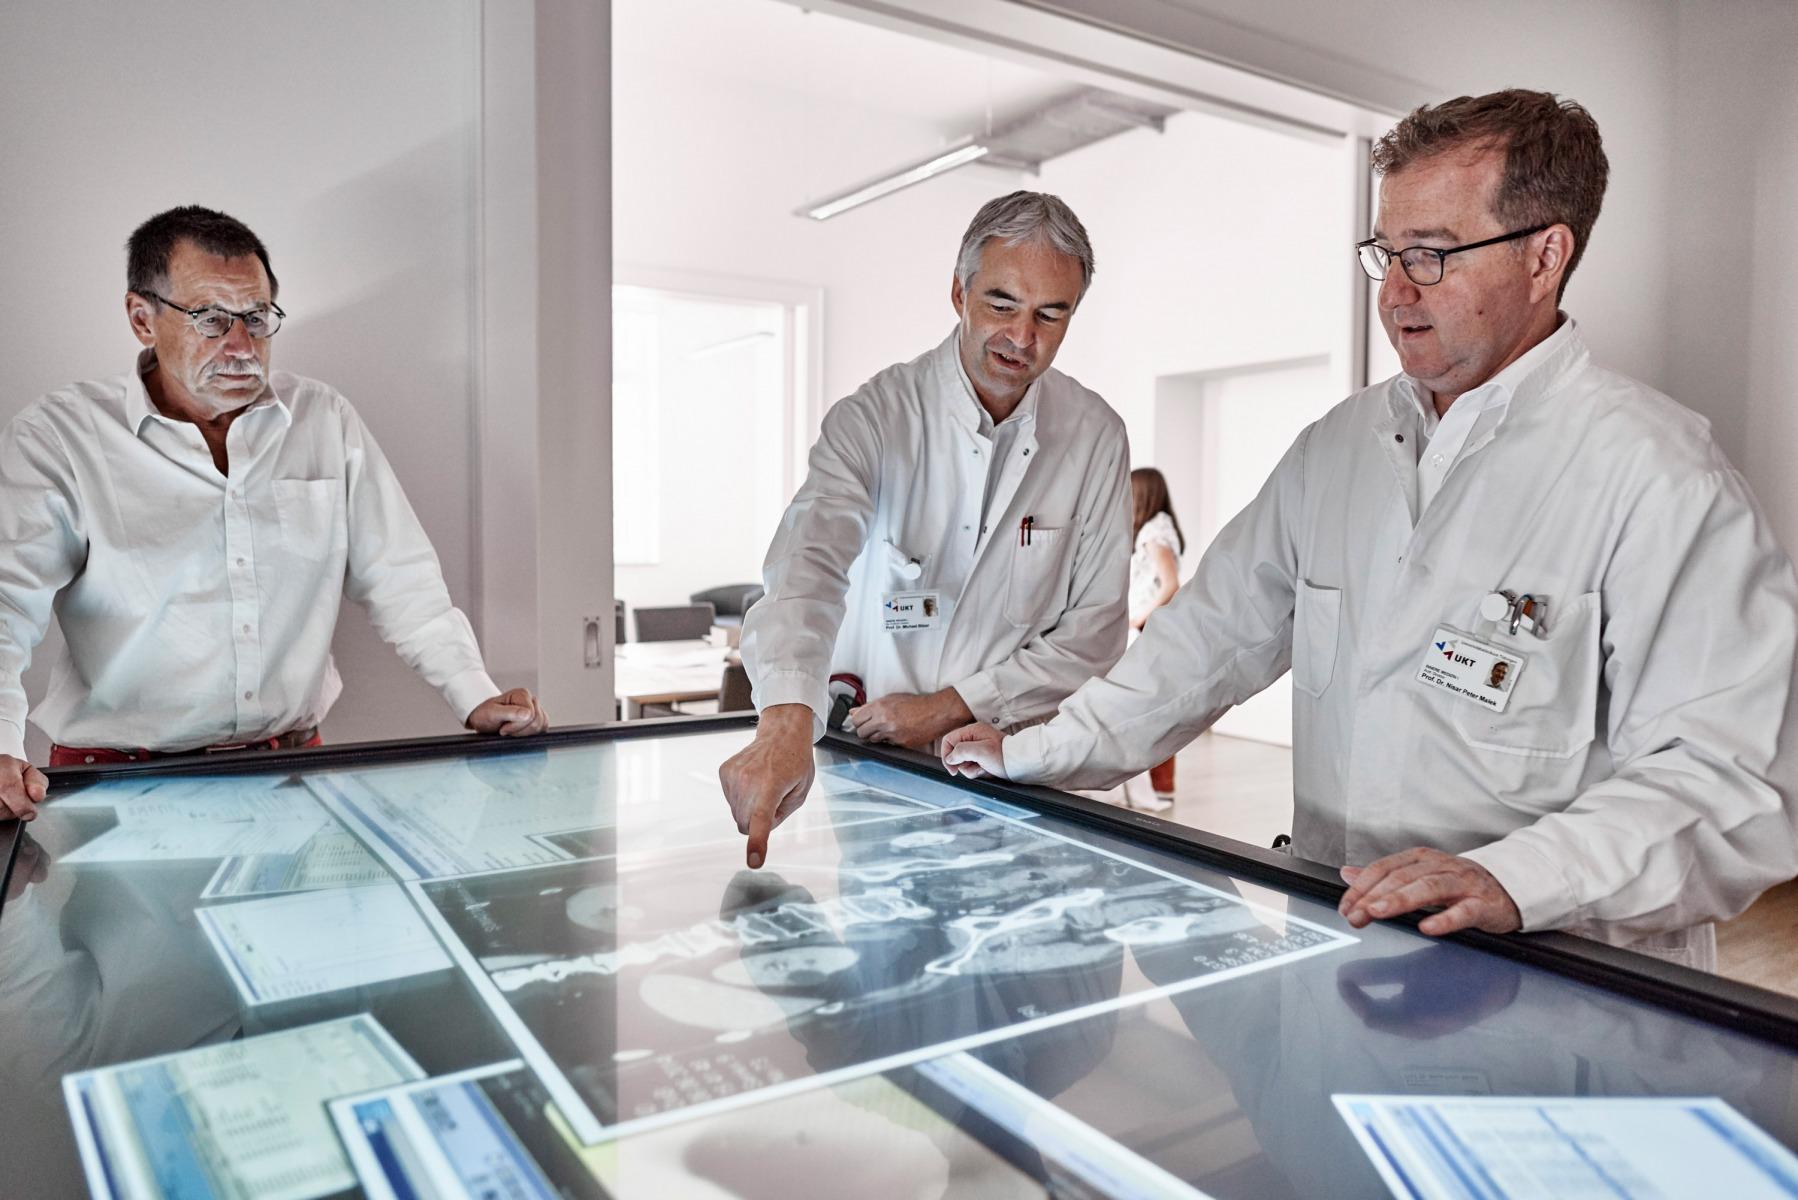 ZPM (Zentrum für personalisierte Medizin) Tübingen: Prof. Nisar Malek mit Kollegen am Touchtable bei der Besprechung von Diagnosen.